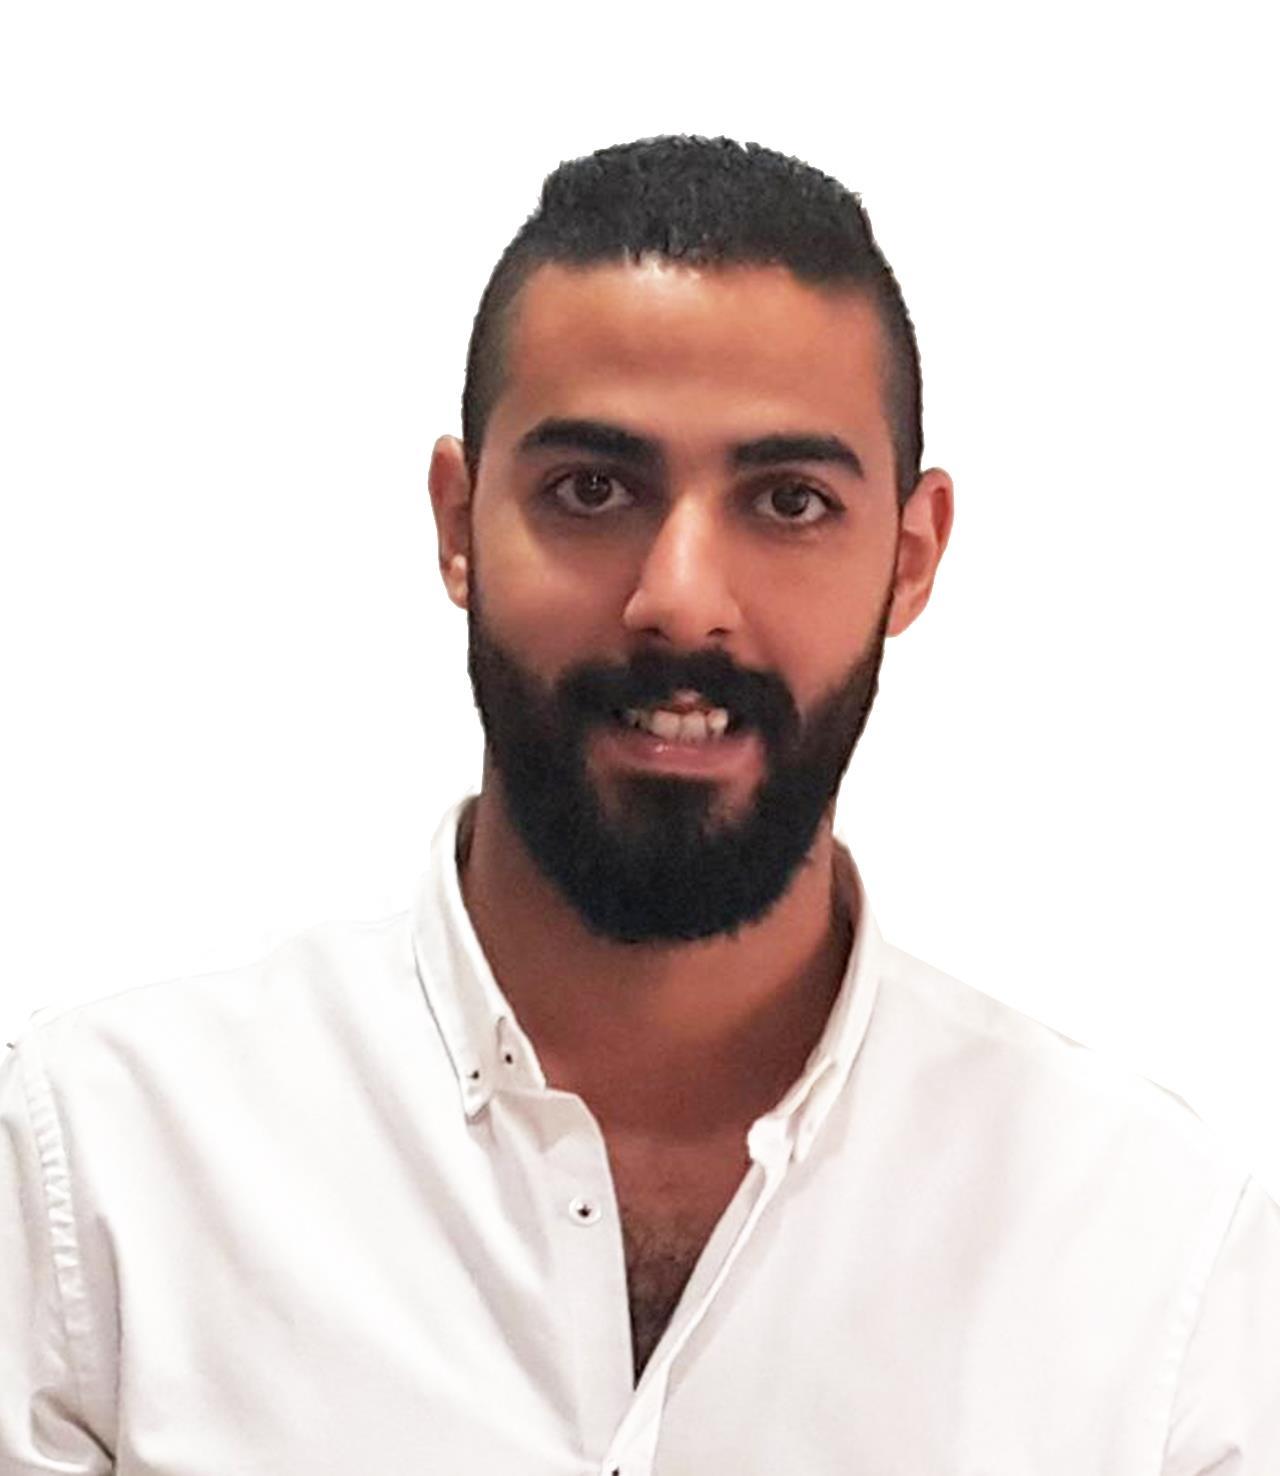 Omar Sherif